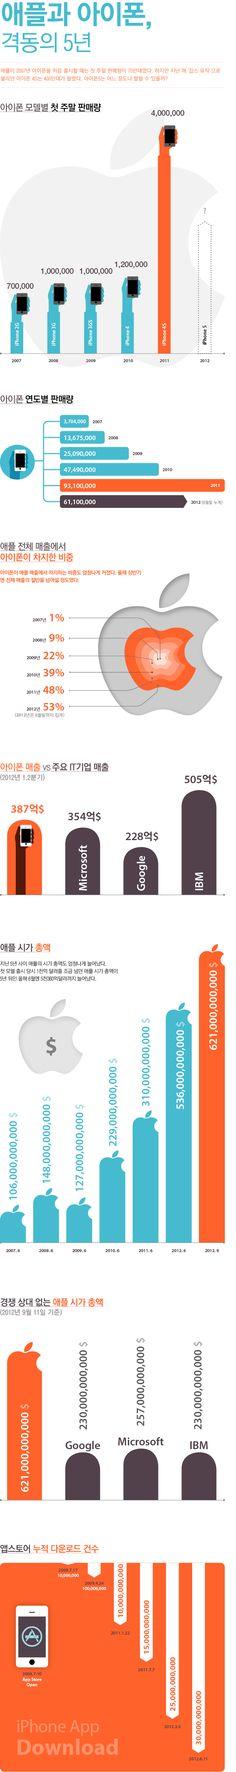 [인포그래픽]애플과 아이폰, 격동의 5년 | Daum 미디어다음